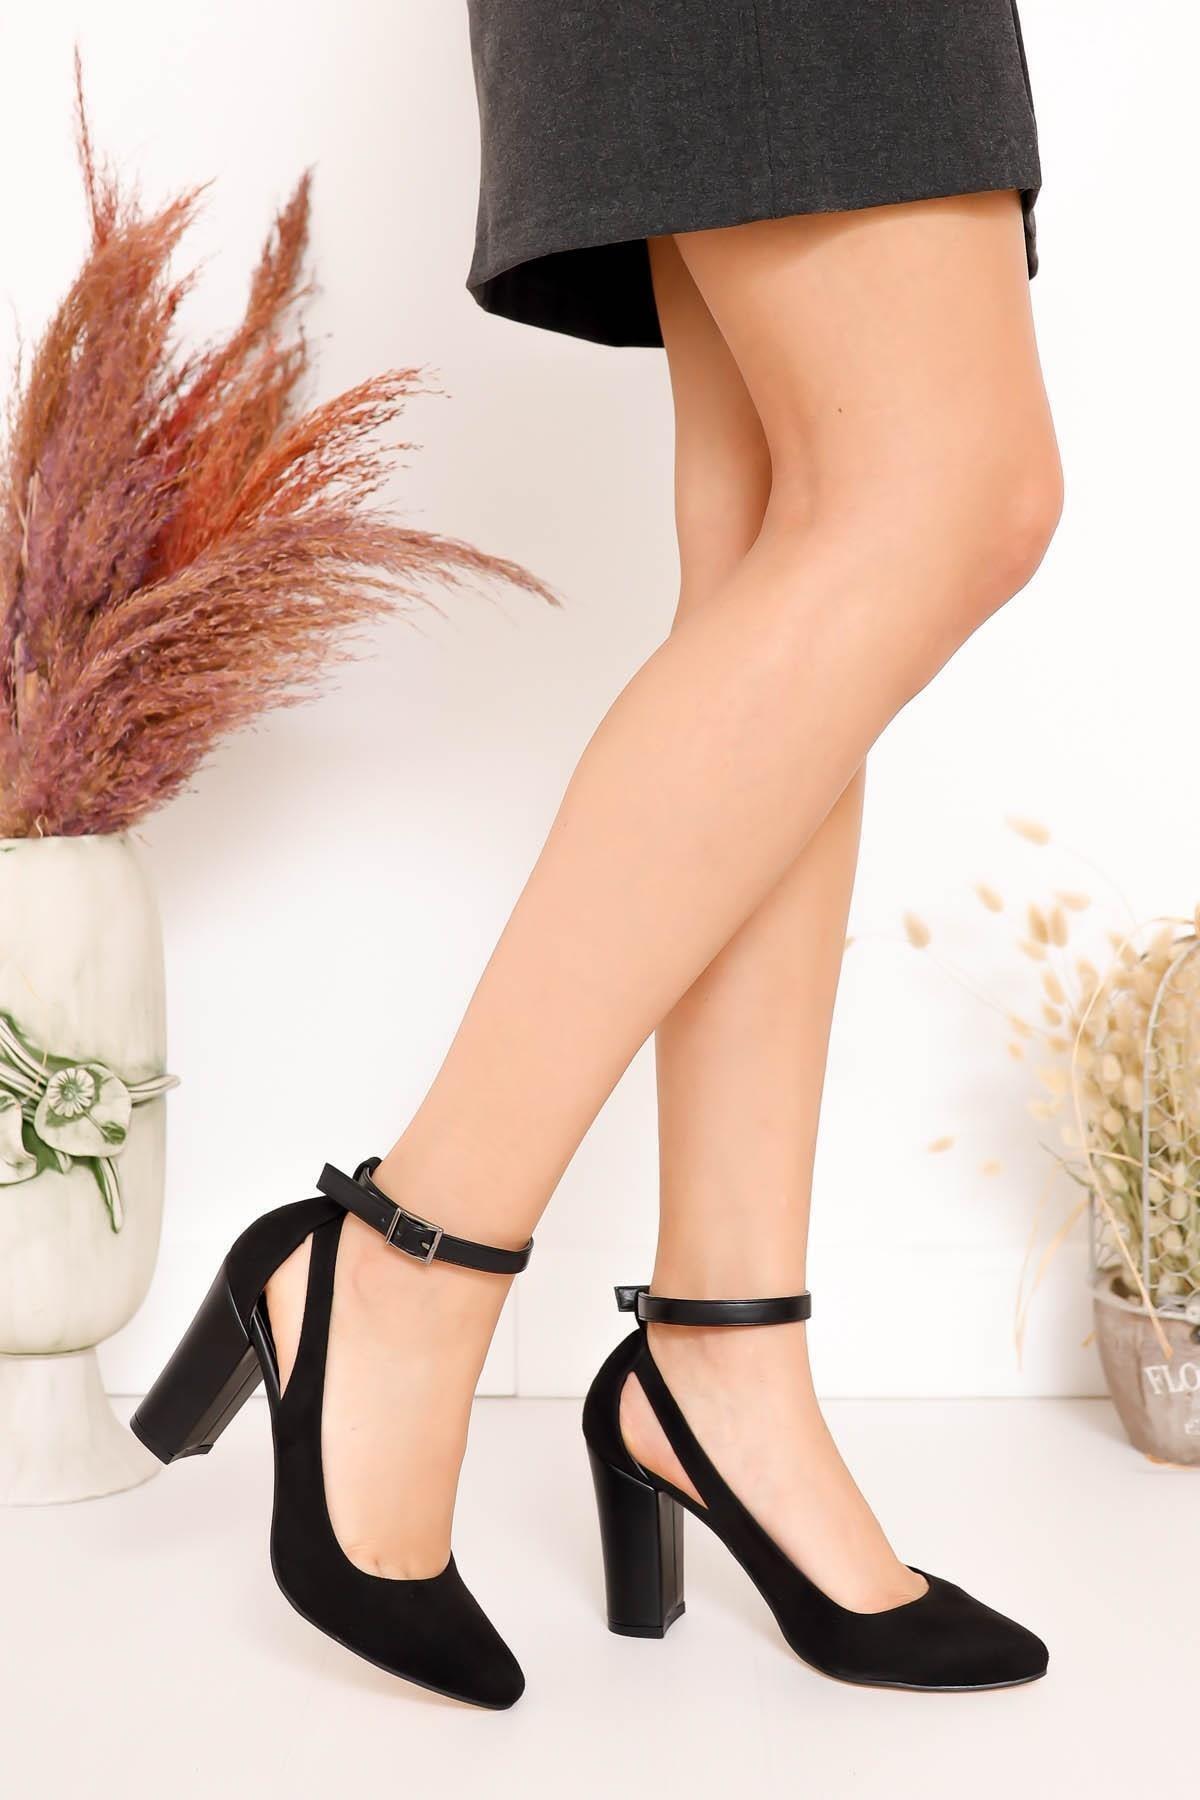 Moda Eleysa Lillian Topuklu Süet Ayakkabı 1